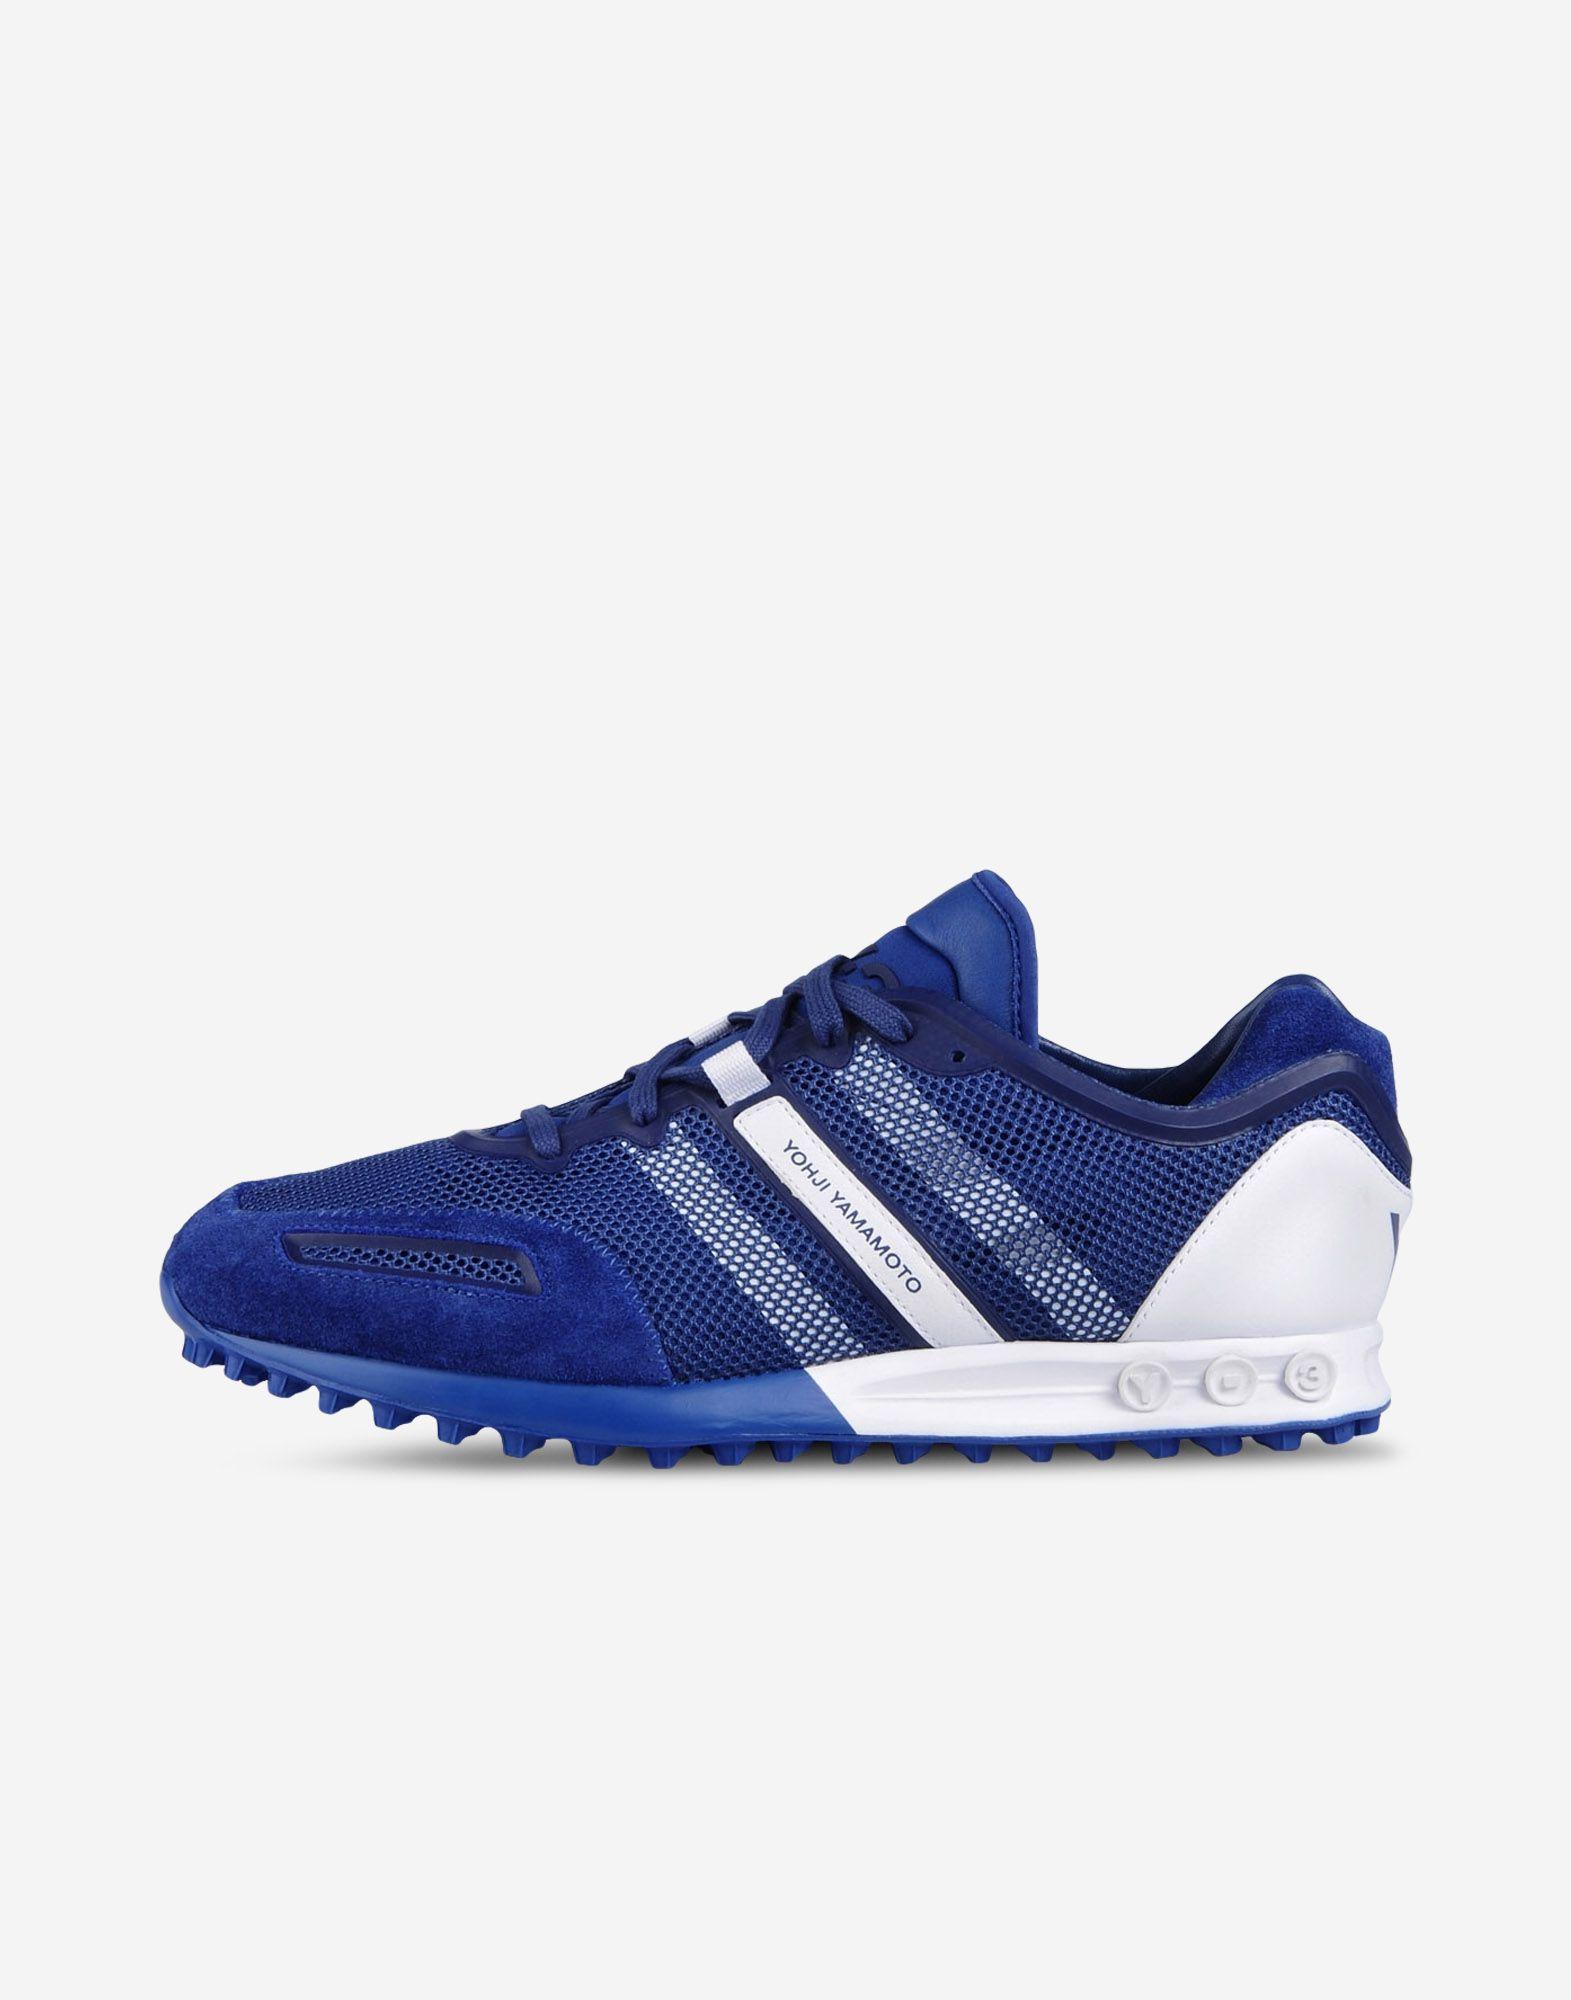 Y 3 TOKIO TRAINER Sneakers | Adidas Y 3 Official Site